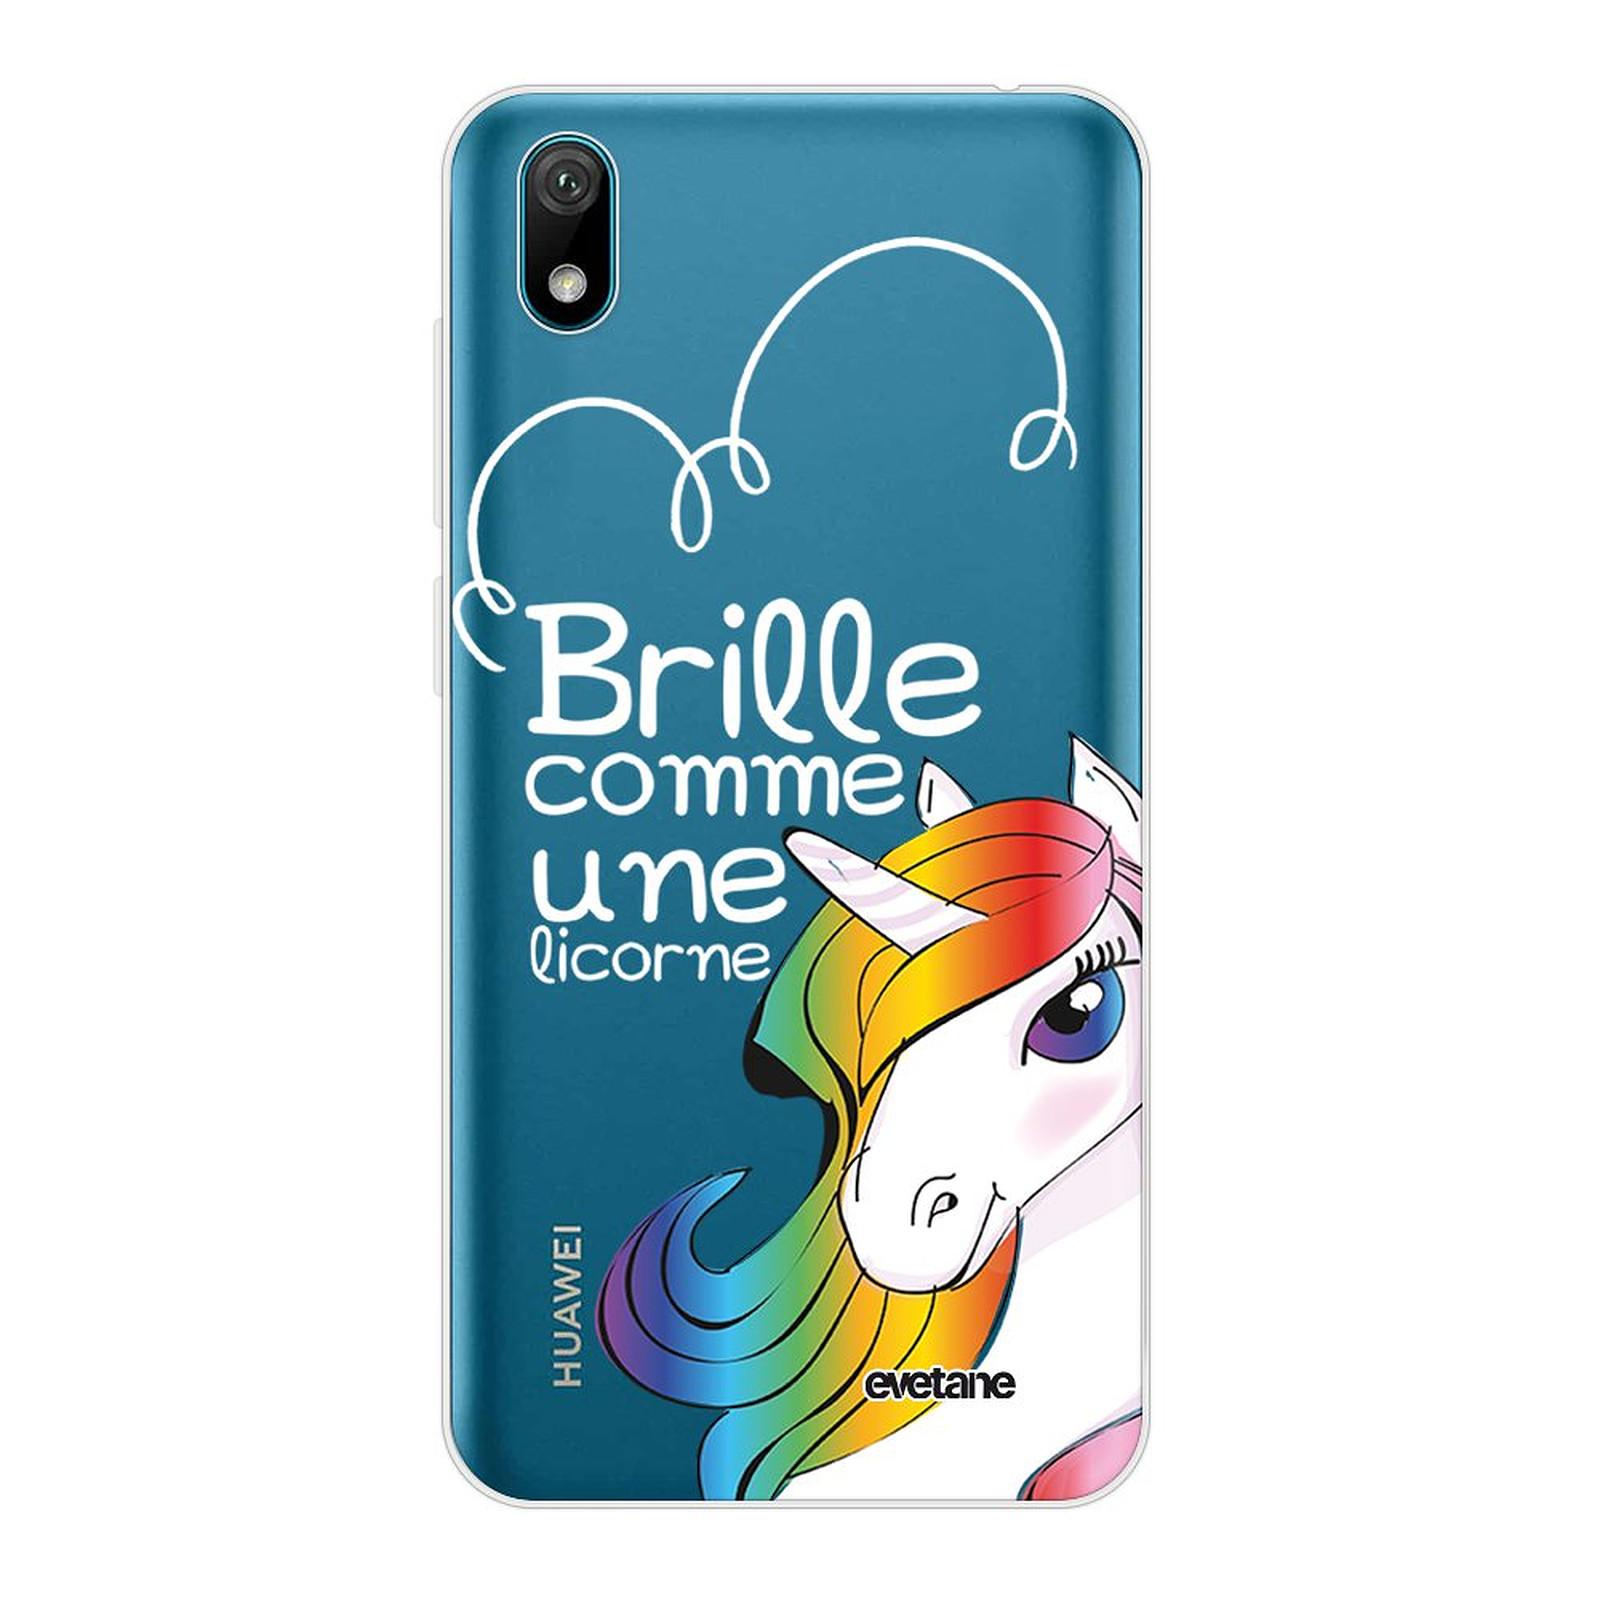 EVETANE Coque Huawei Y5 2019 360 intégrale transparente Brille comme une licorne Tendance - Coque téléphone Evetane sur LDLC